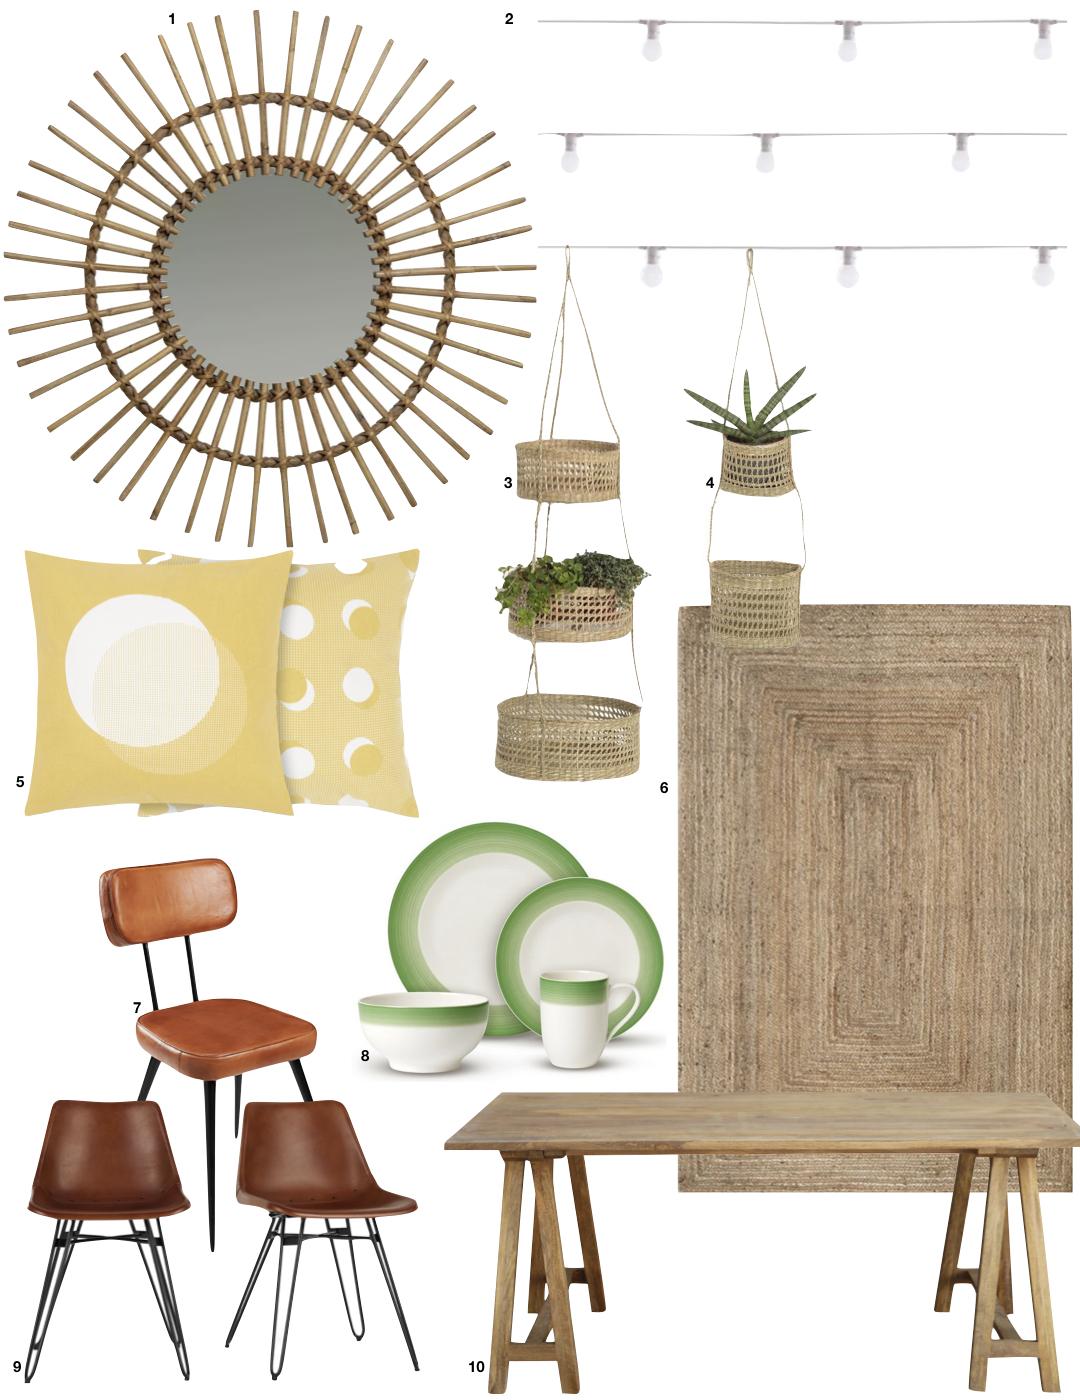 déco champêtre vintage coussin jaune miroir tapis fibre naturelle table bois chaise cuir marron